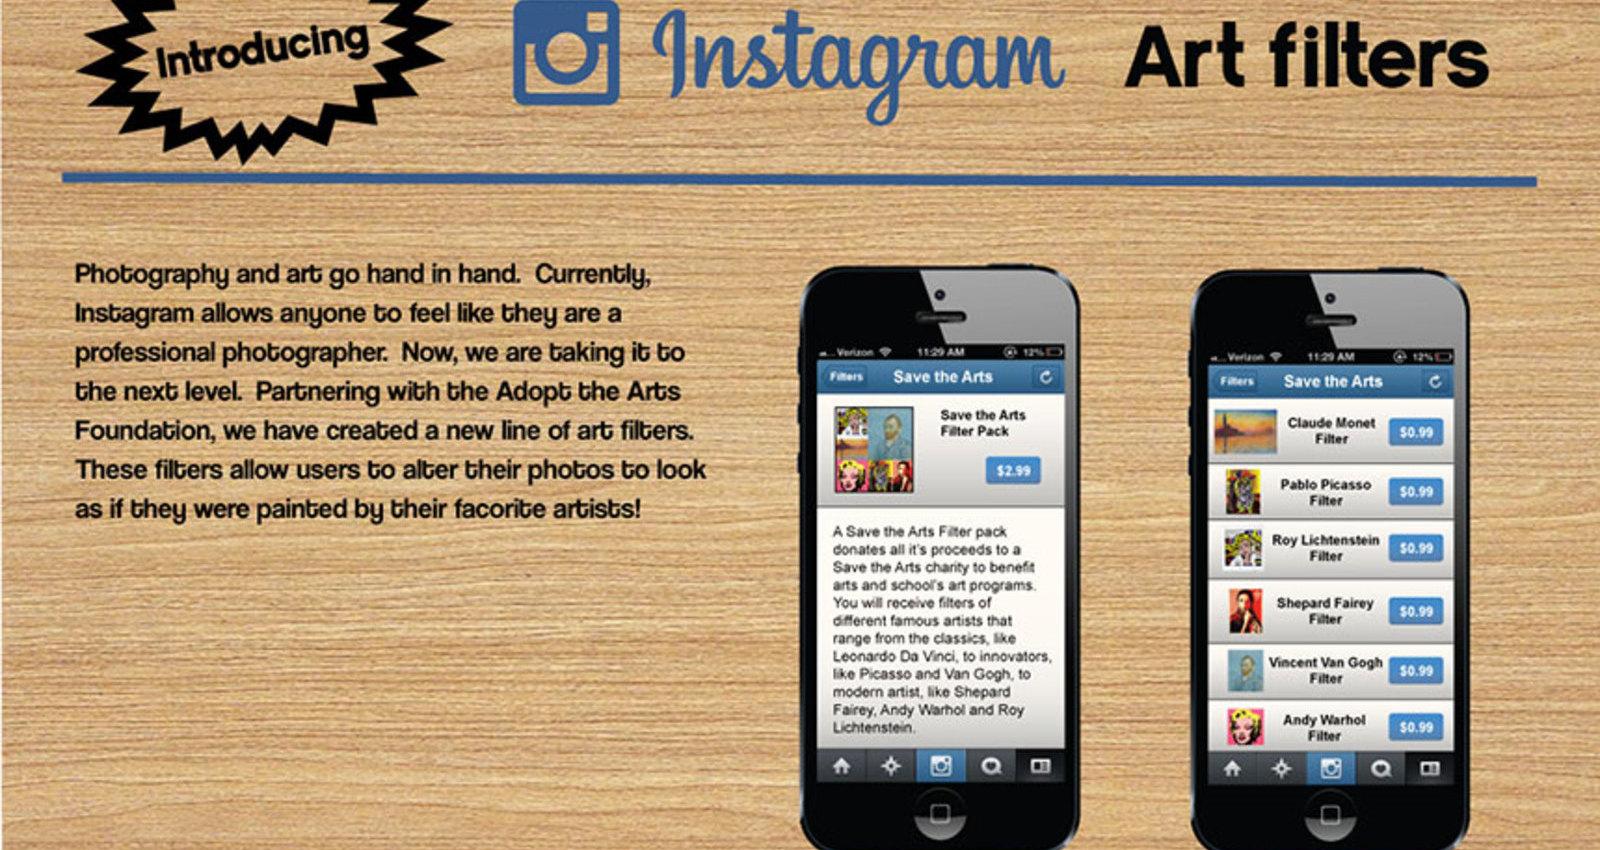 Instagram Art Filters